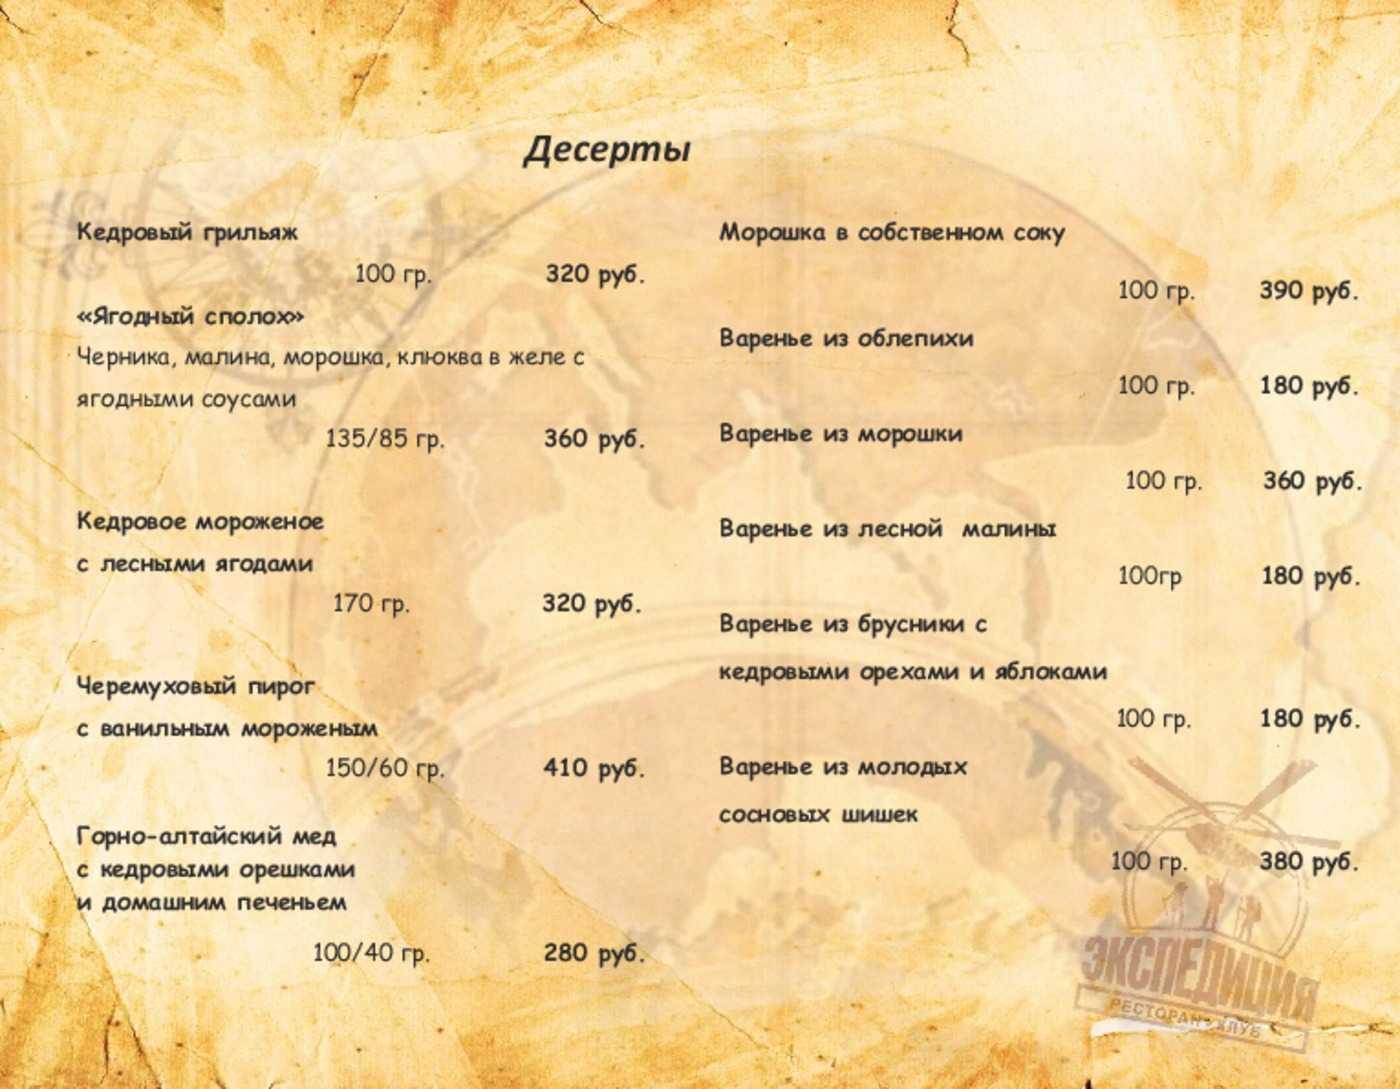 Меню кафе, ресторана Экспедиция на улице Монастырской